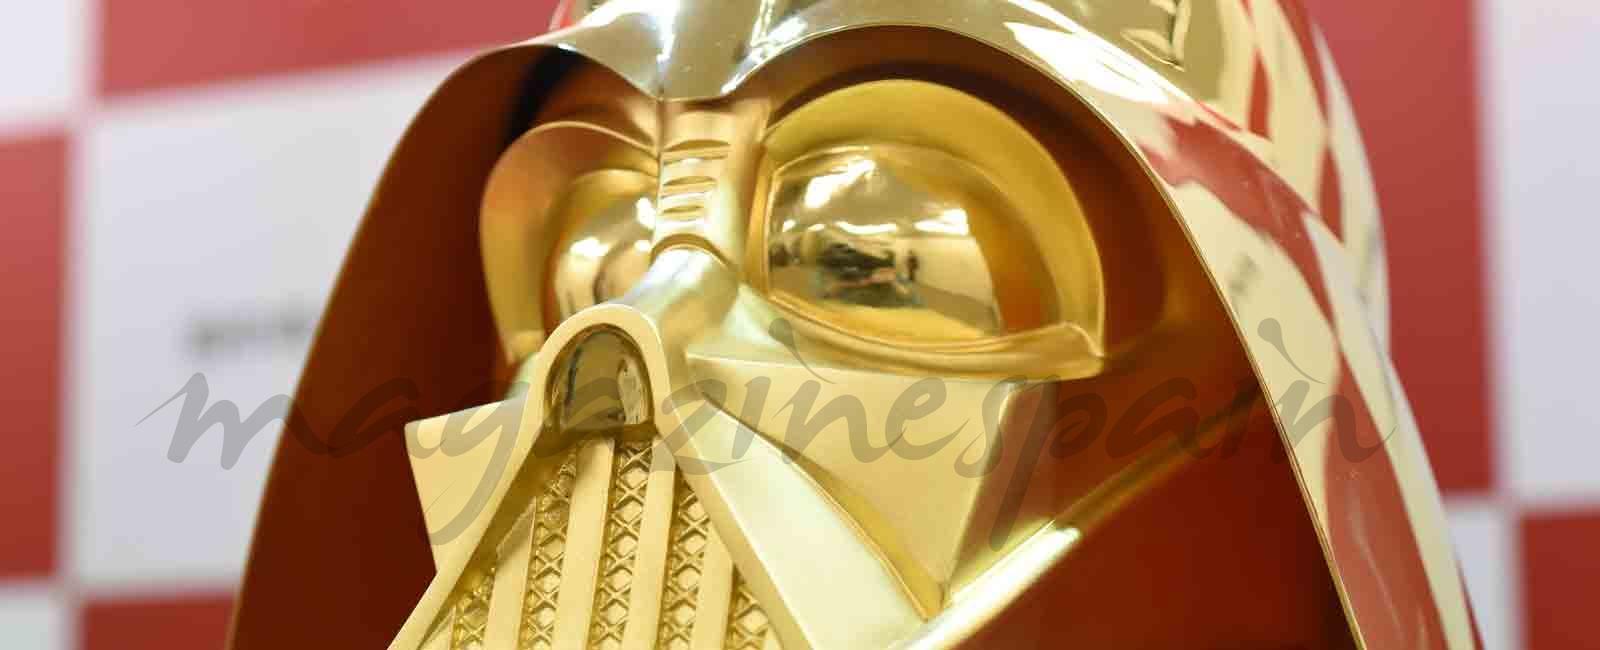 La máscara de Darth Vader y medallas conmemorativas de Star Wars en oro, para celebrar la séptima entrega.